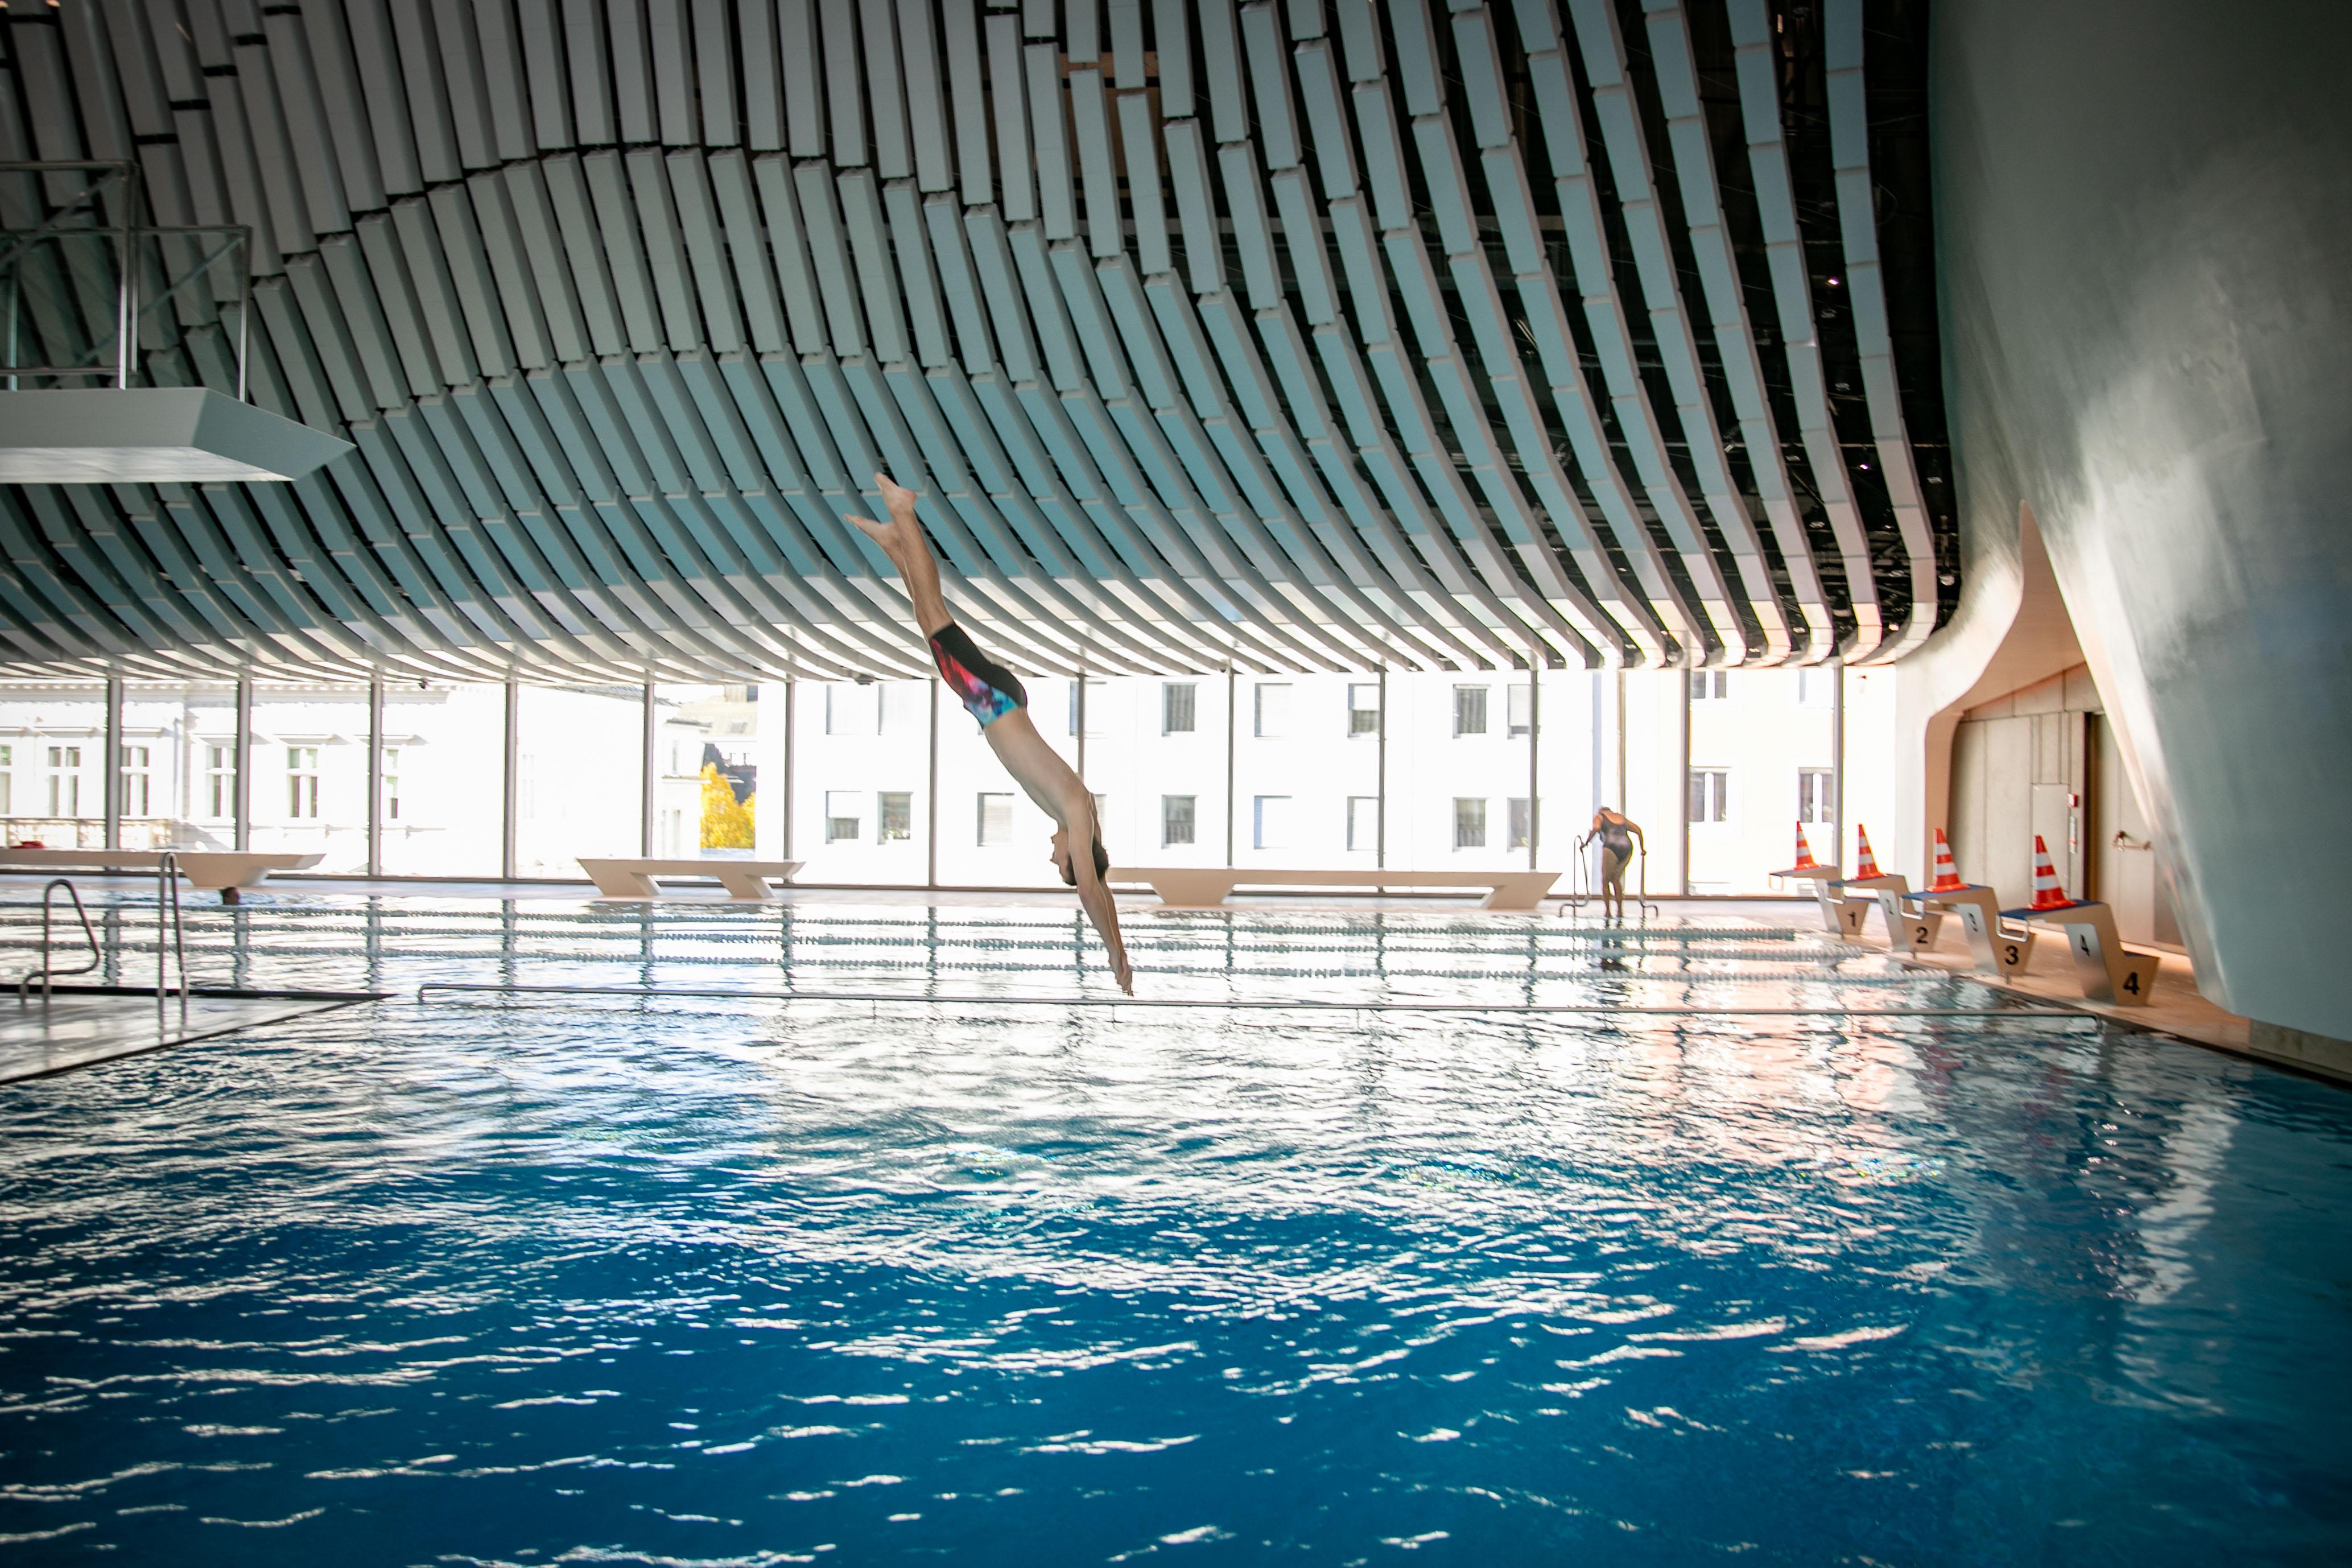 Röhrenrutsche im Paracelsus-Bad,  ©www.wildbild.at